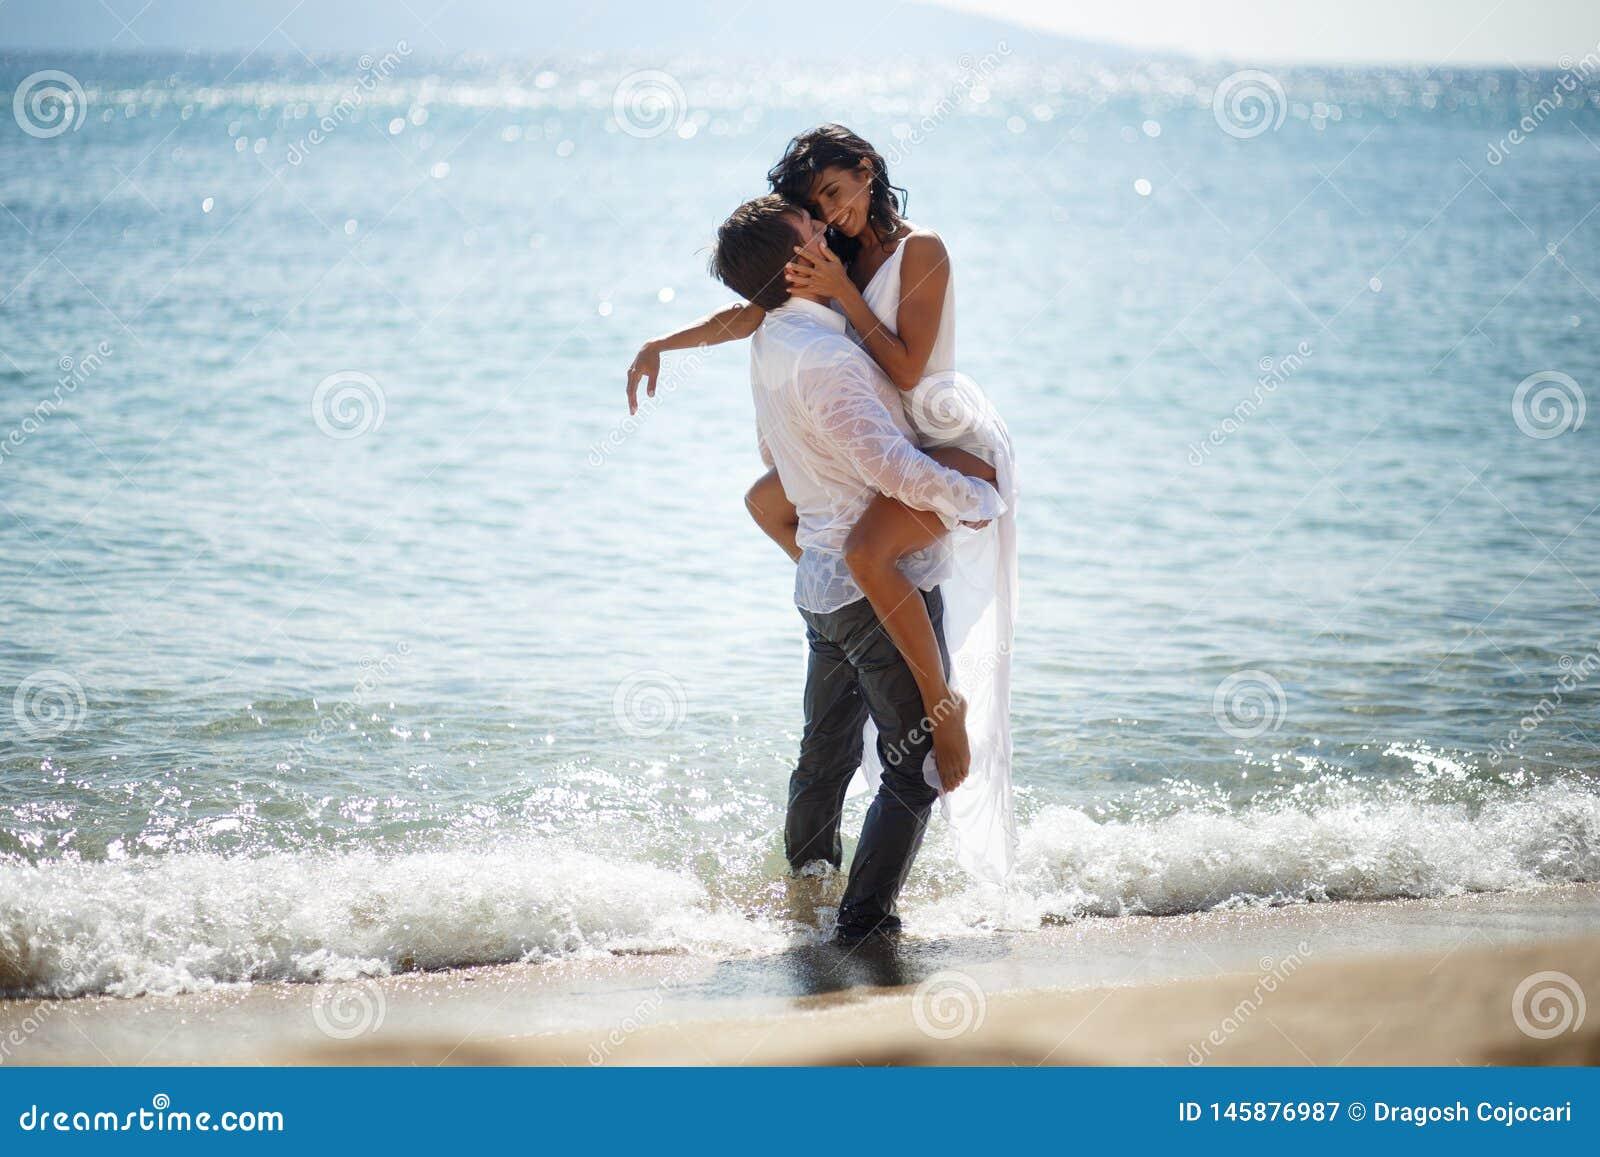 Dwa poślubiali młodych dorosłych, mężczyźni trzyma jego żony żarliwie, siedzący w wodzie, odizolowywającej na seascape tle